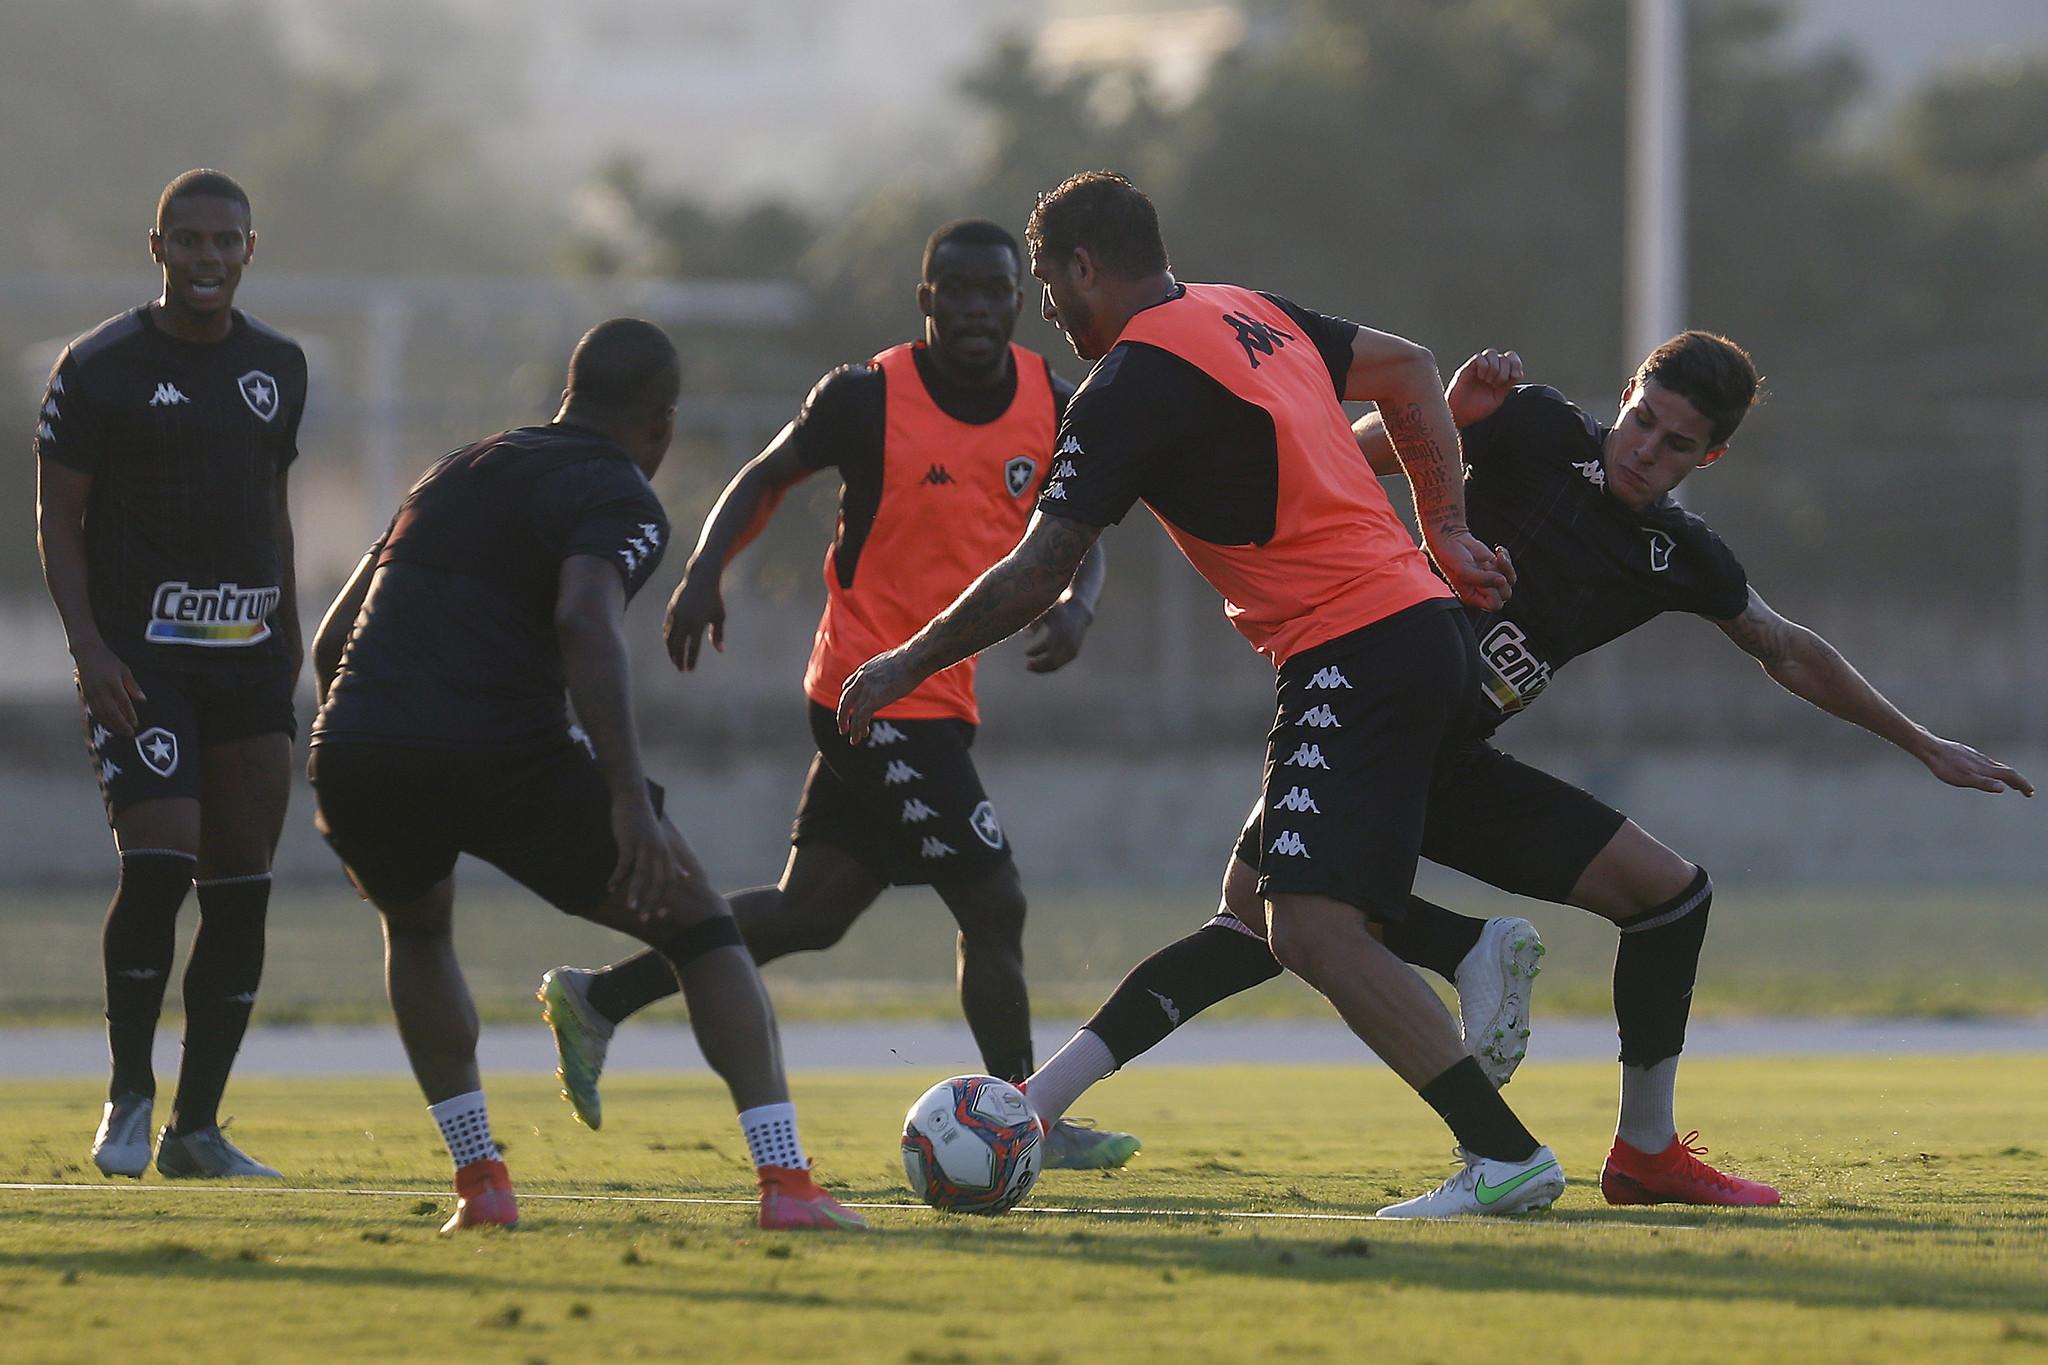 Rafael Moura e Romildo - Treino do Botafogo